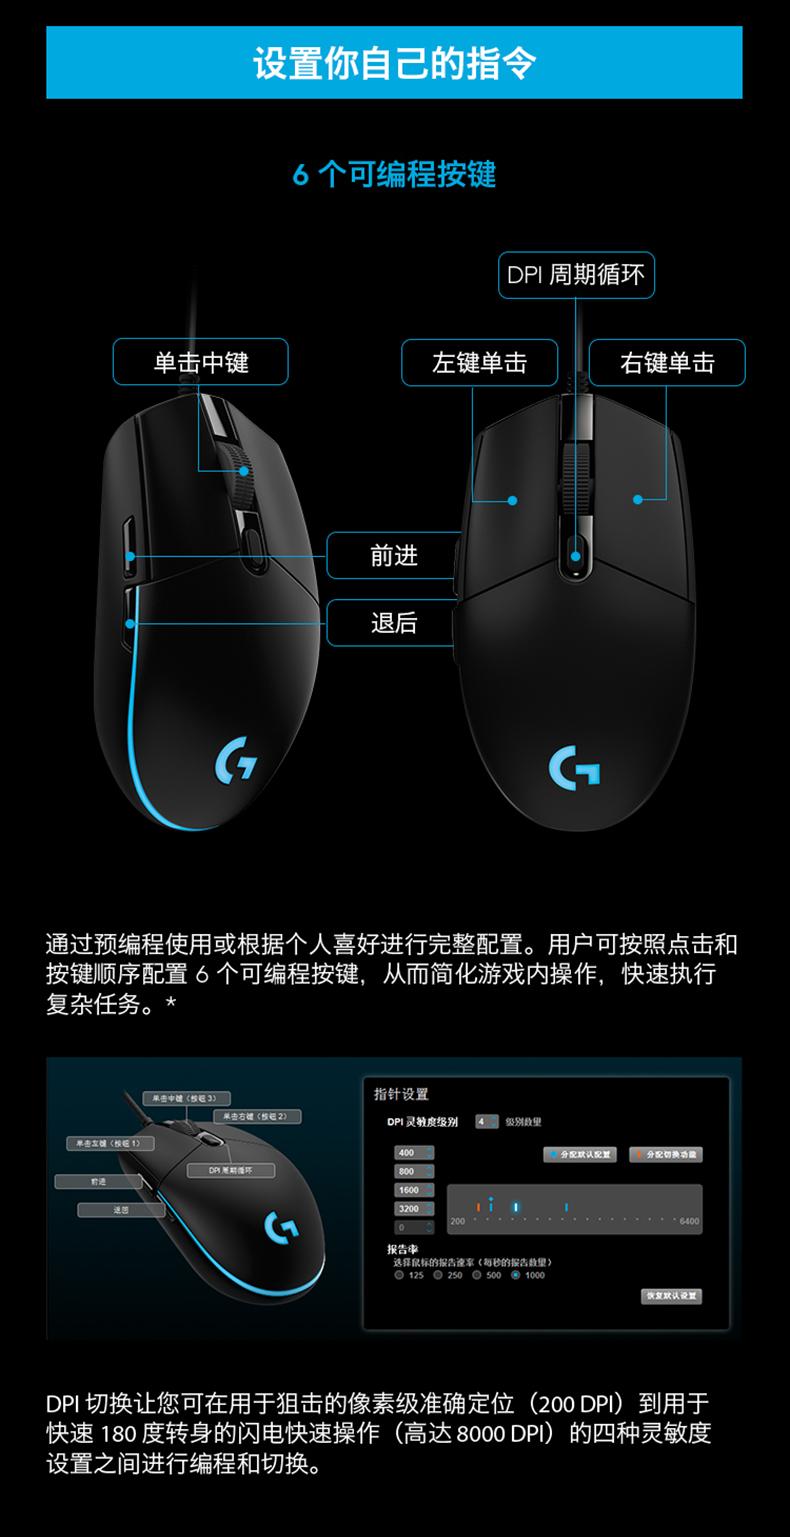 Chuột vi tính Trò chơi điện tử GI10-2, máy tính xách tay, con gà đặc biệt trên con chuột,...đang ăn